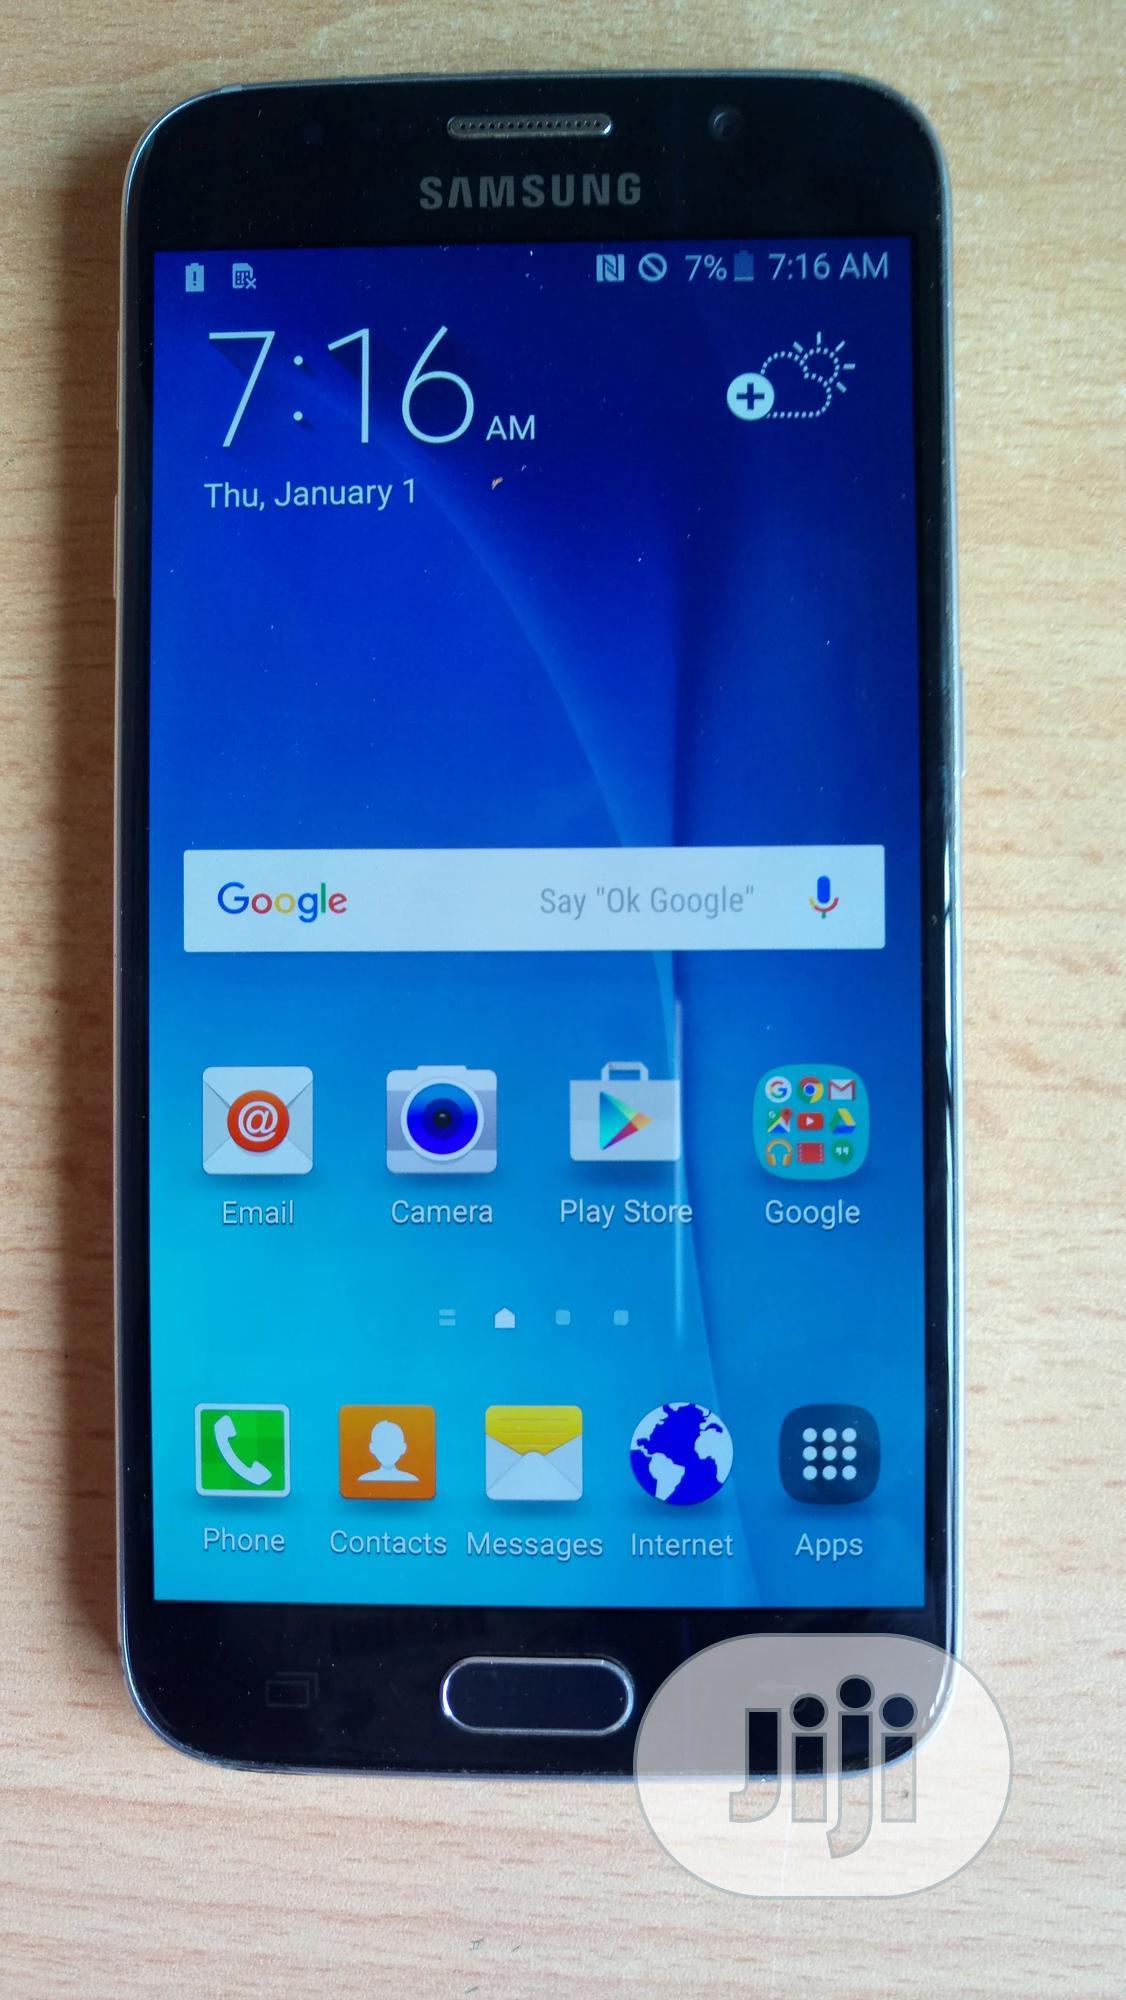 Samsung Galaxy S6 active 32 GB Black